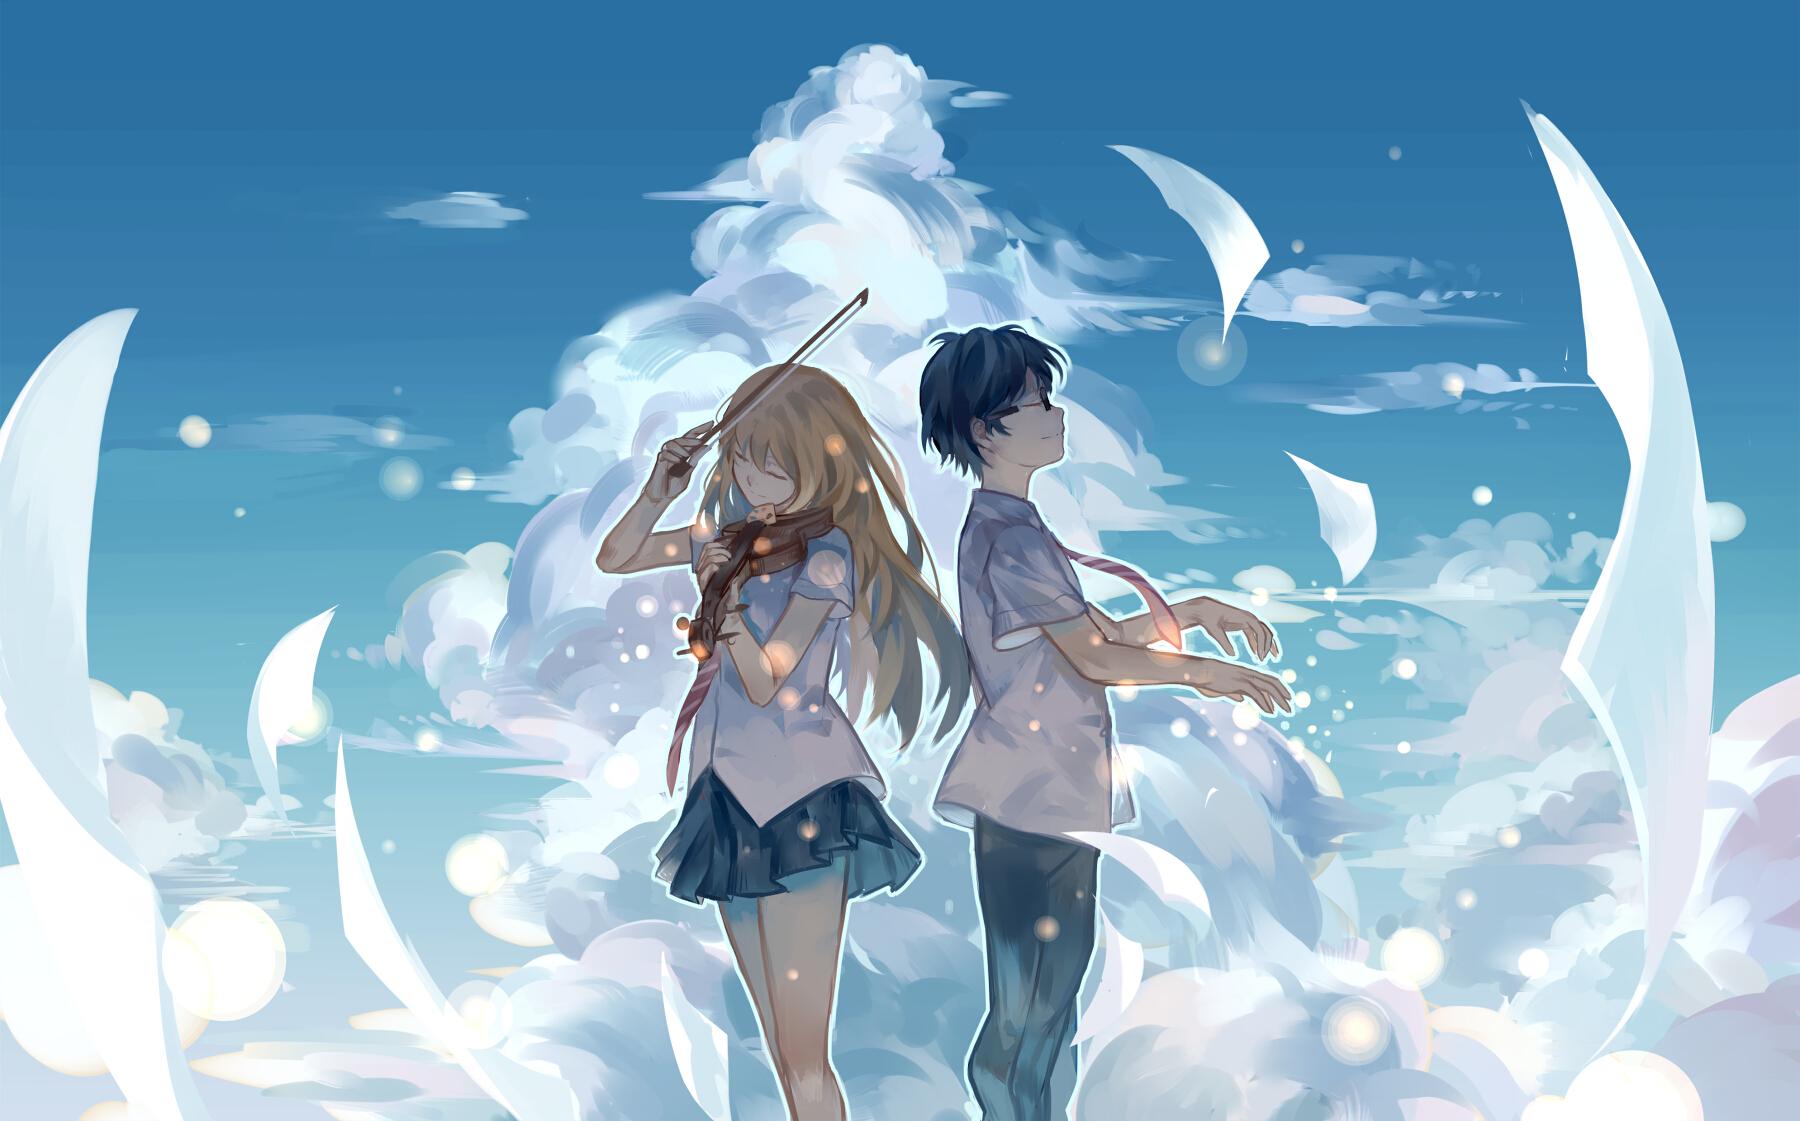 Arima Kousei Shigatsu Wa Kimi No Uso Zerochan Anime Image Board